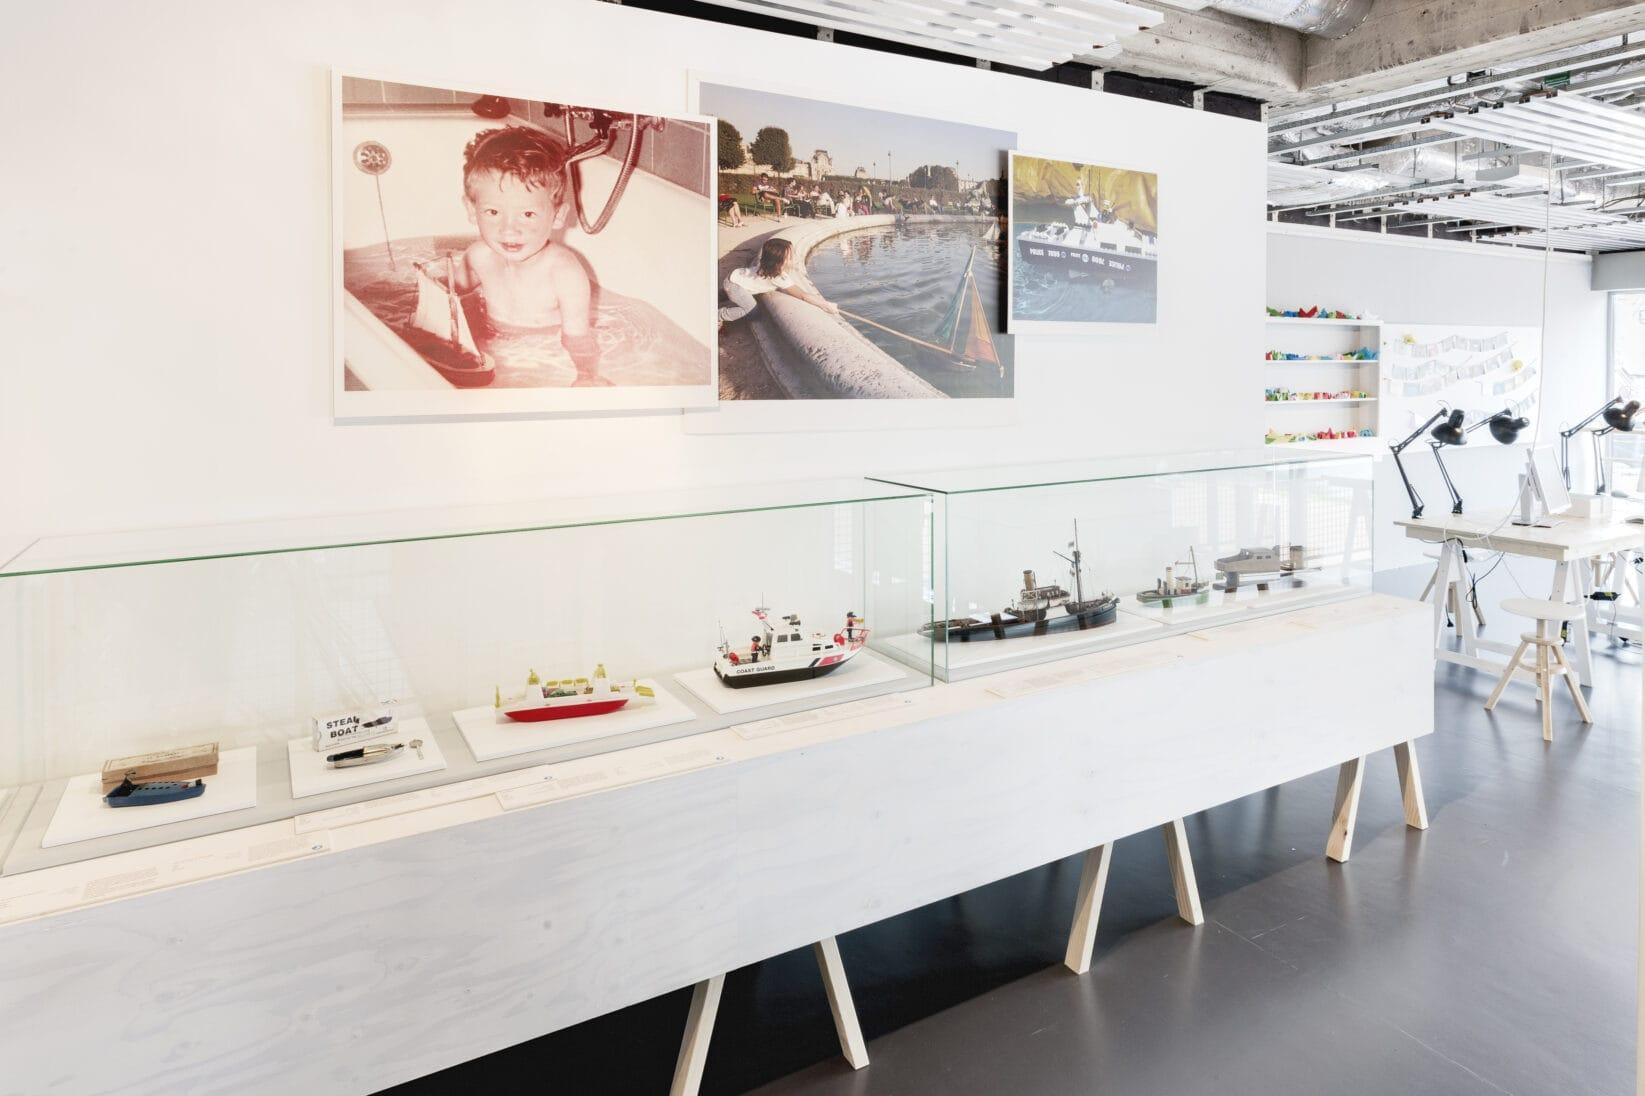 Leitsystem DSM Schifffahrtsmuseum Raum Austellungsdesign